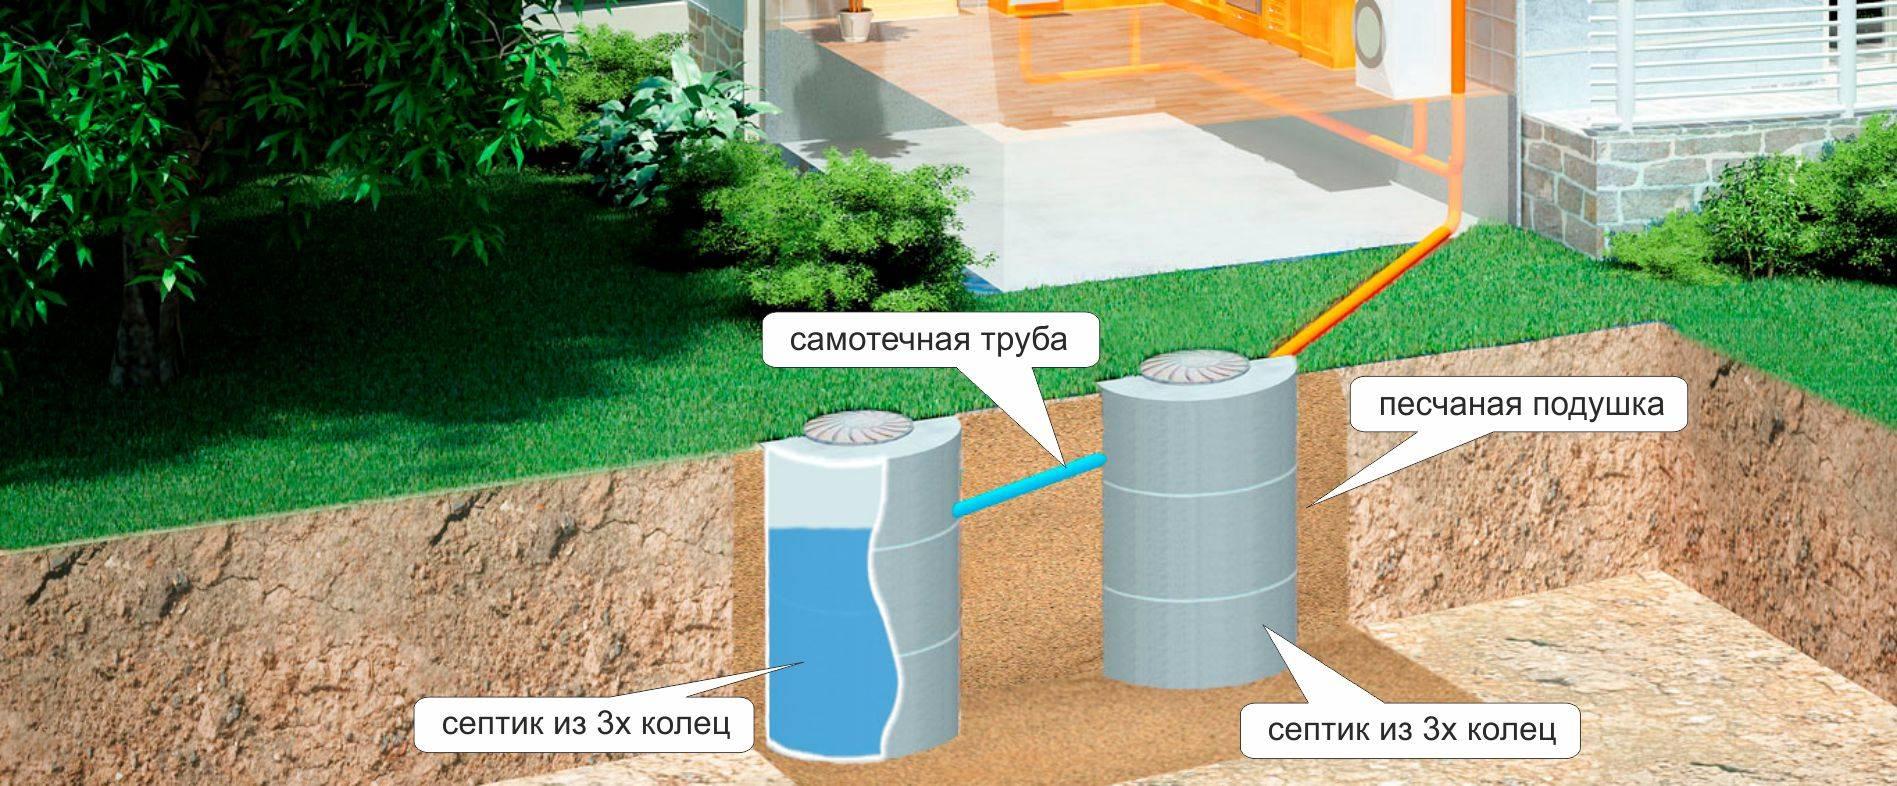 Как правильно выбрать септики для дачи с высоким уровнем грунтовых вод